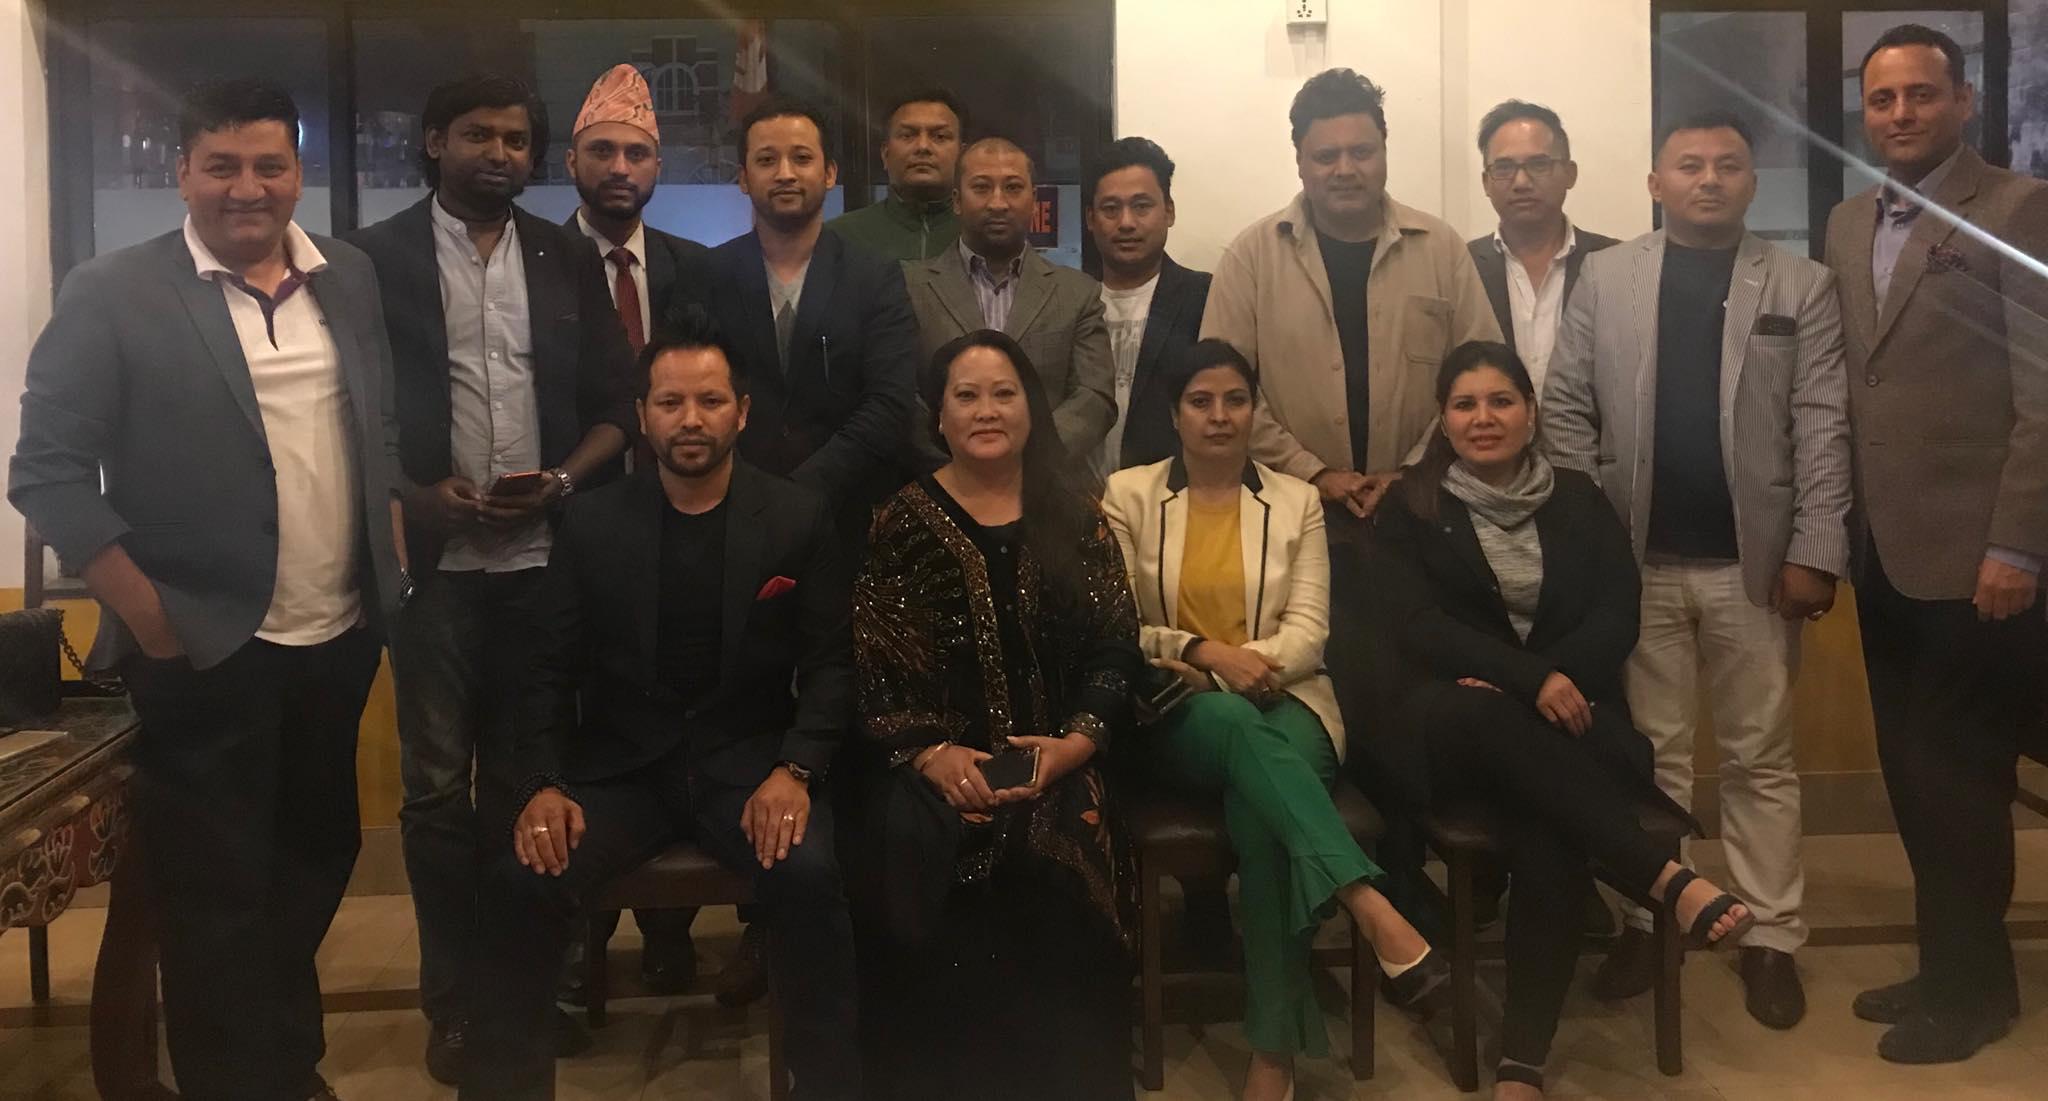 एक्सन फर नेपाल गठन